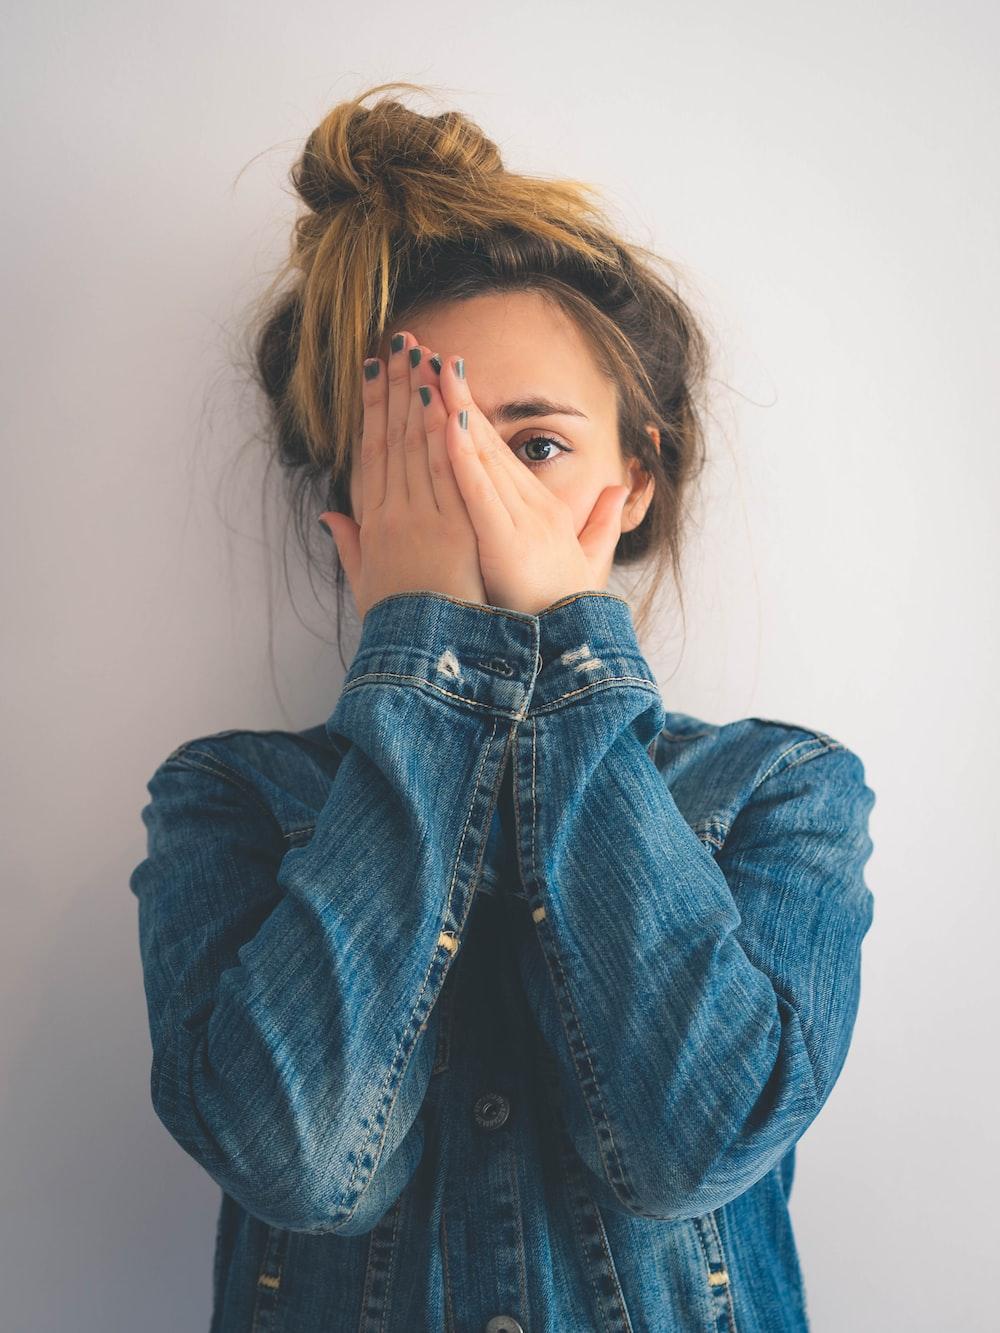 woman in blue denim jacket